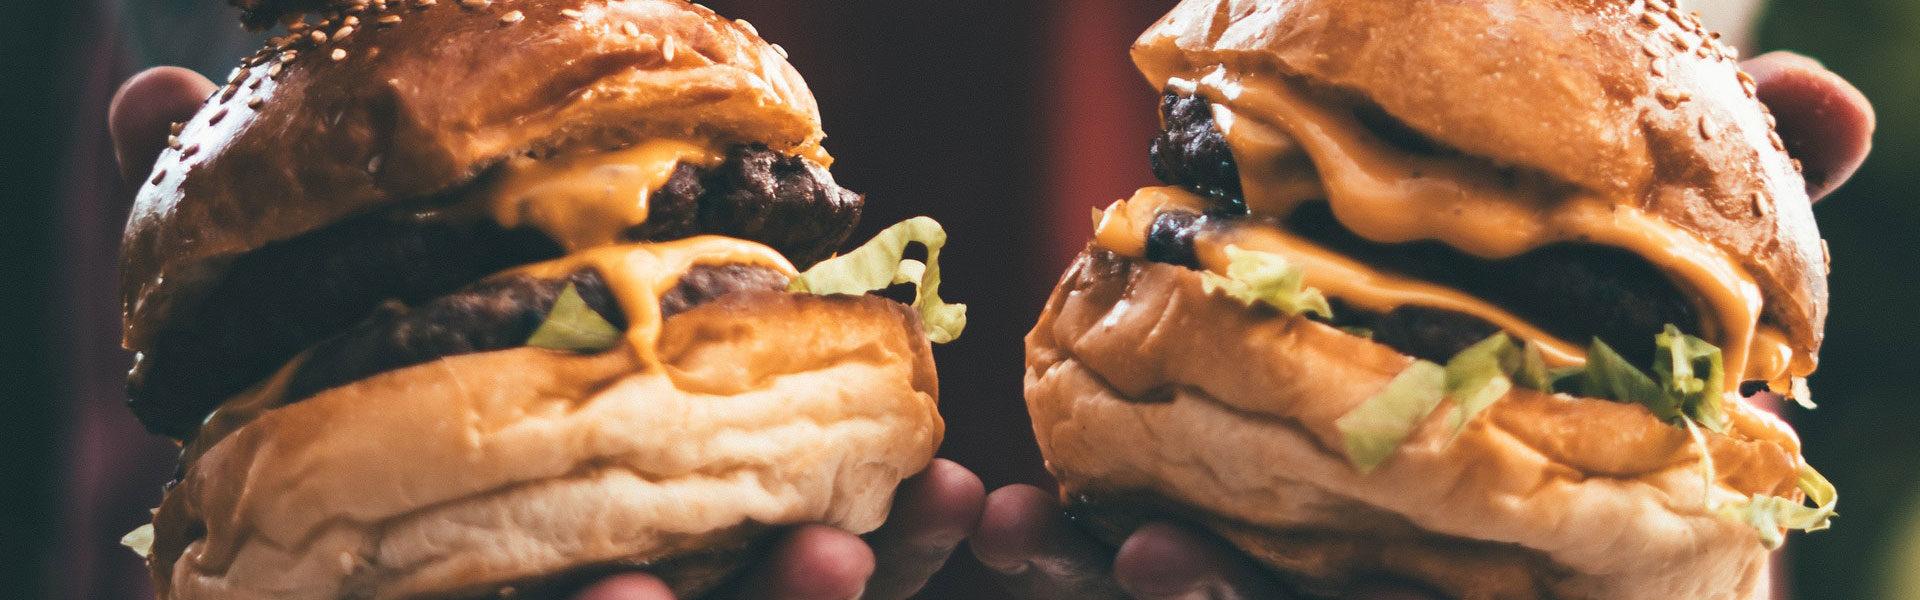 Cebolinha Burger